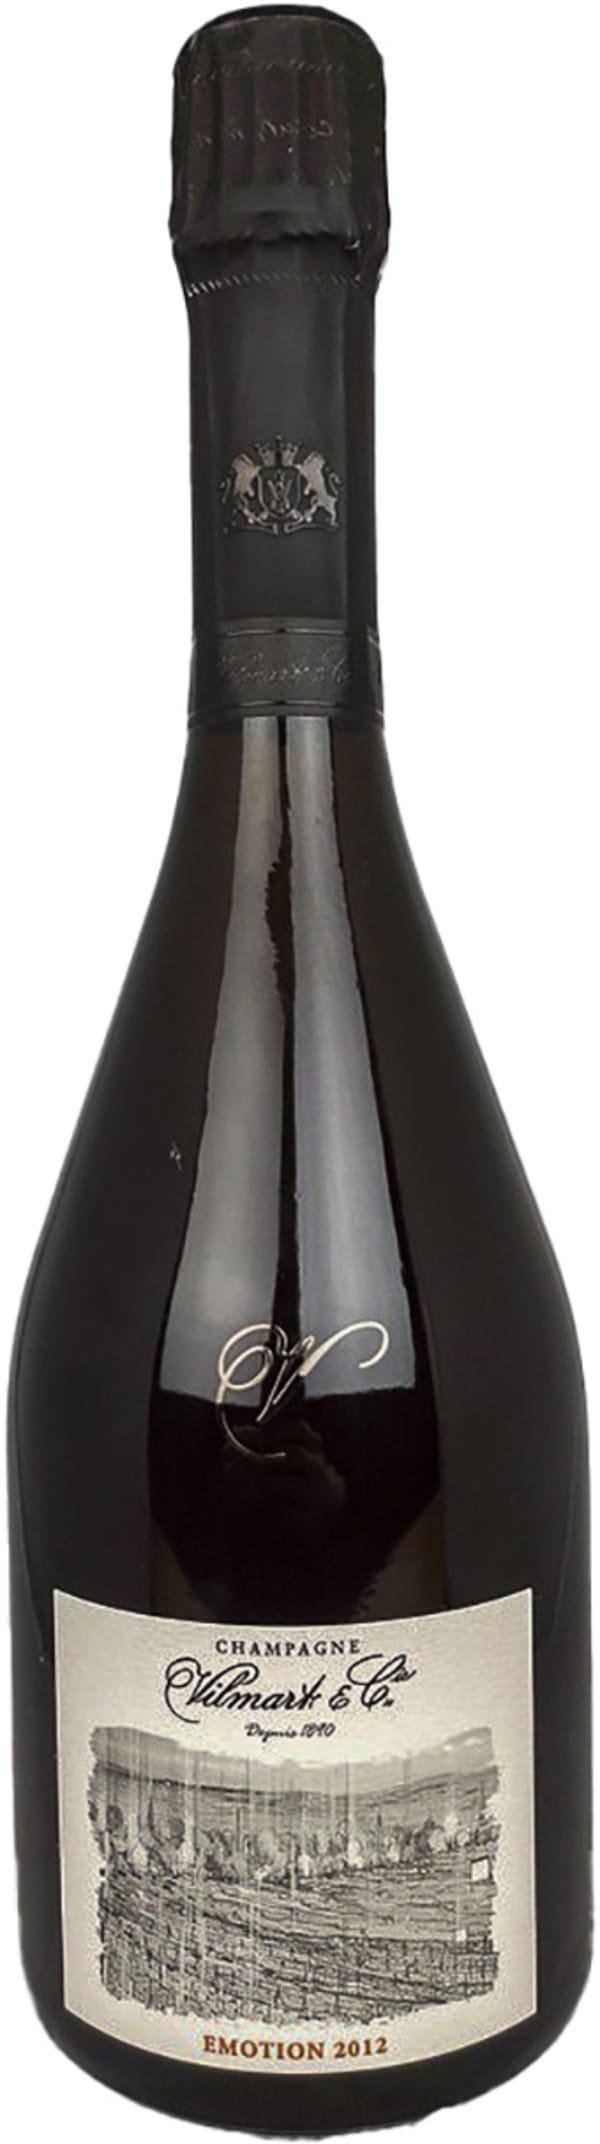 Vilmart & Cie Emotion Champagne Rosé Brut 2012